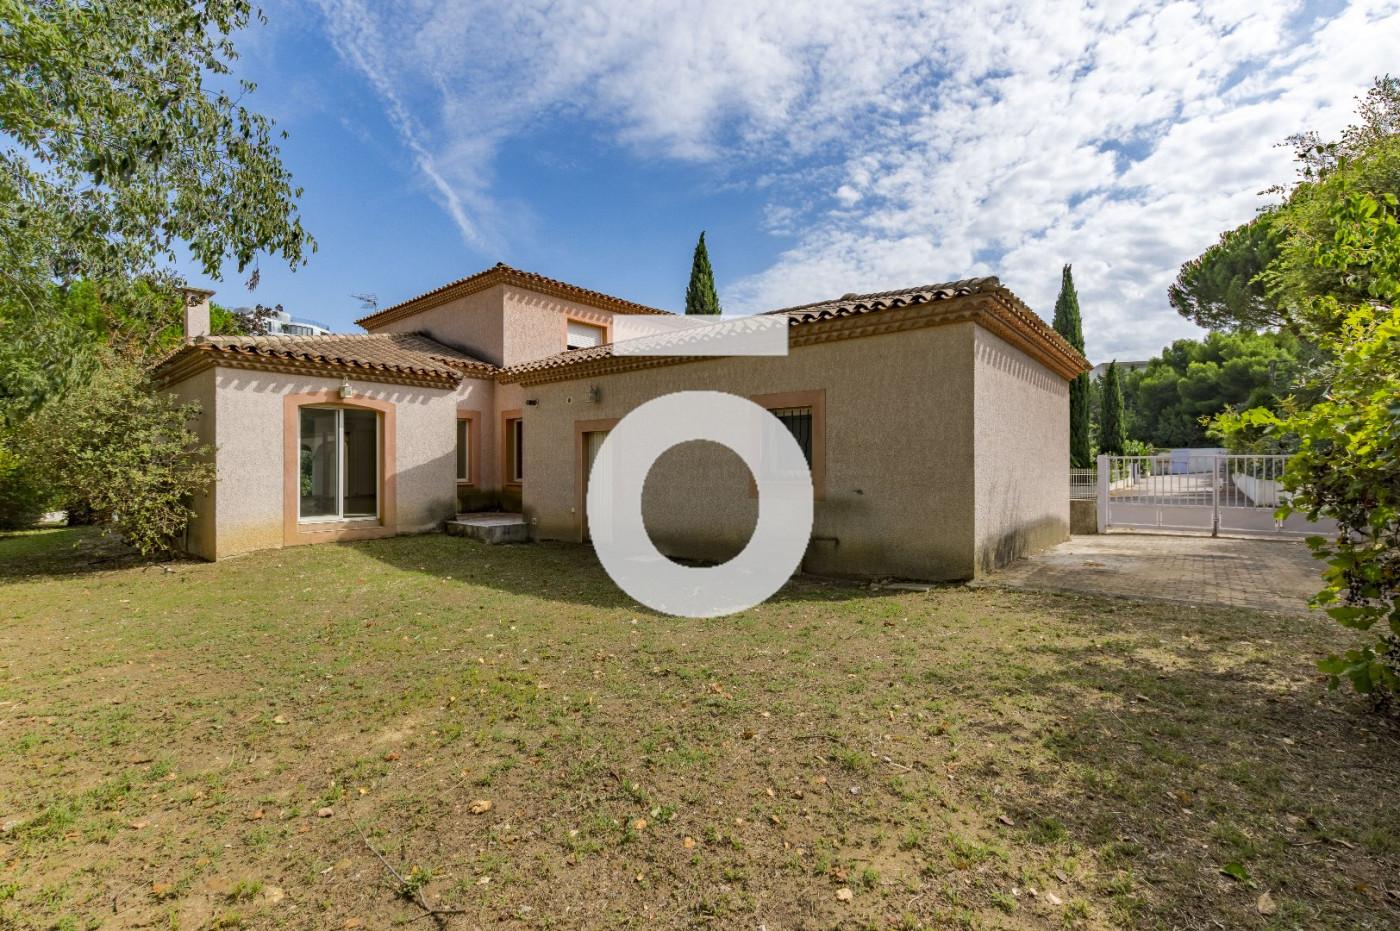 A vendre  Montpellier | Réf 345566456 - Opus conseils immobilier